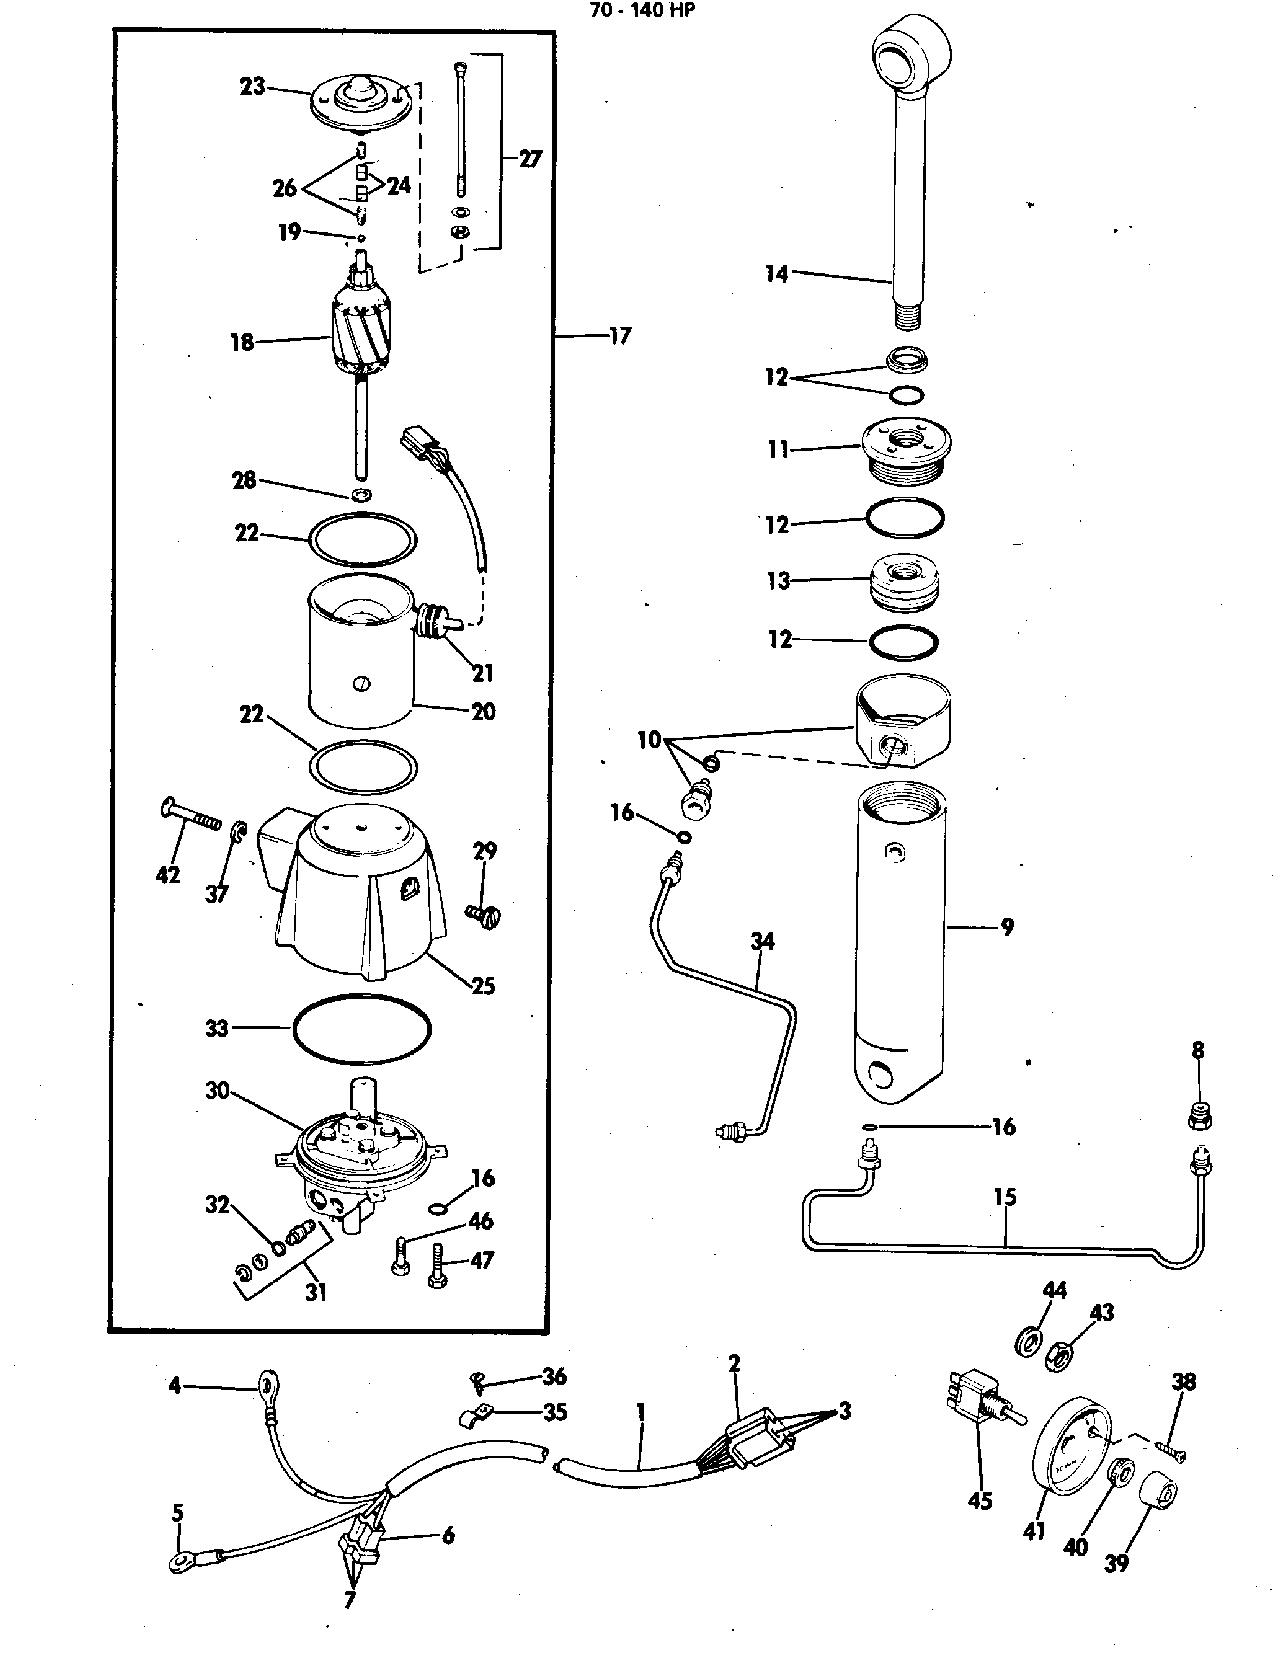 Power Tilt Kit Assembly 70